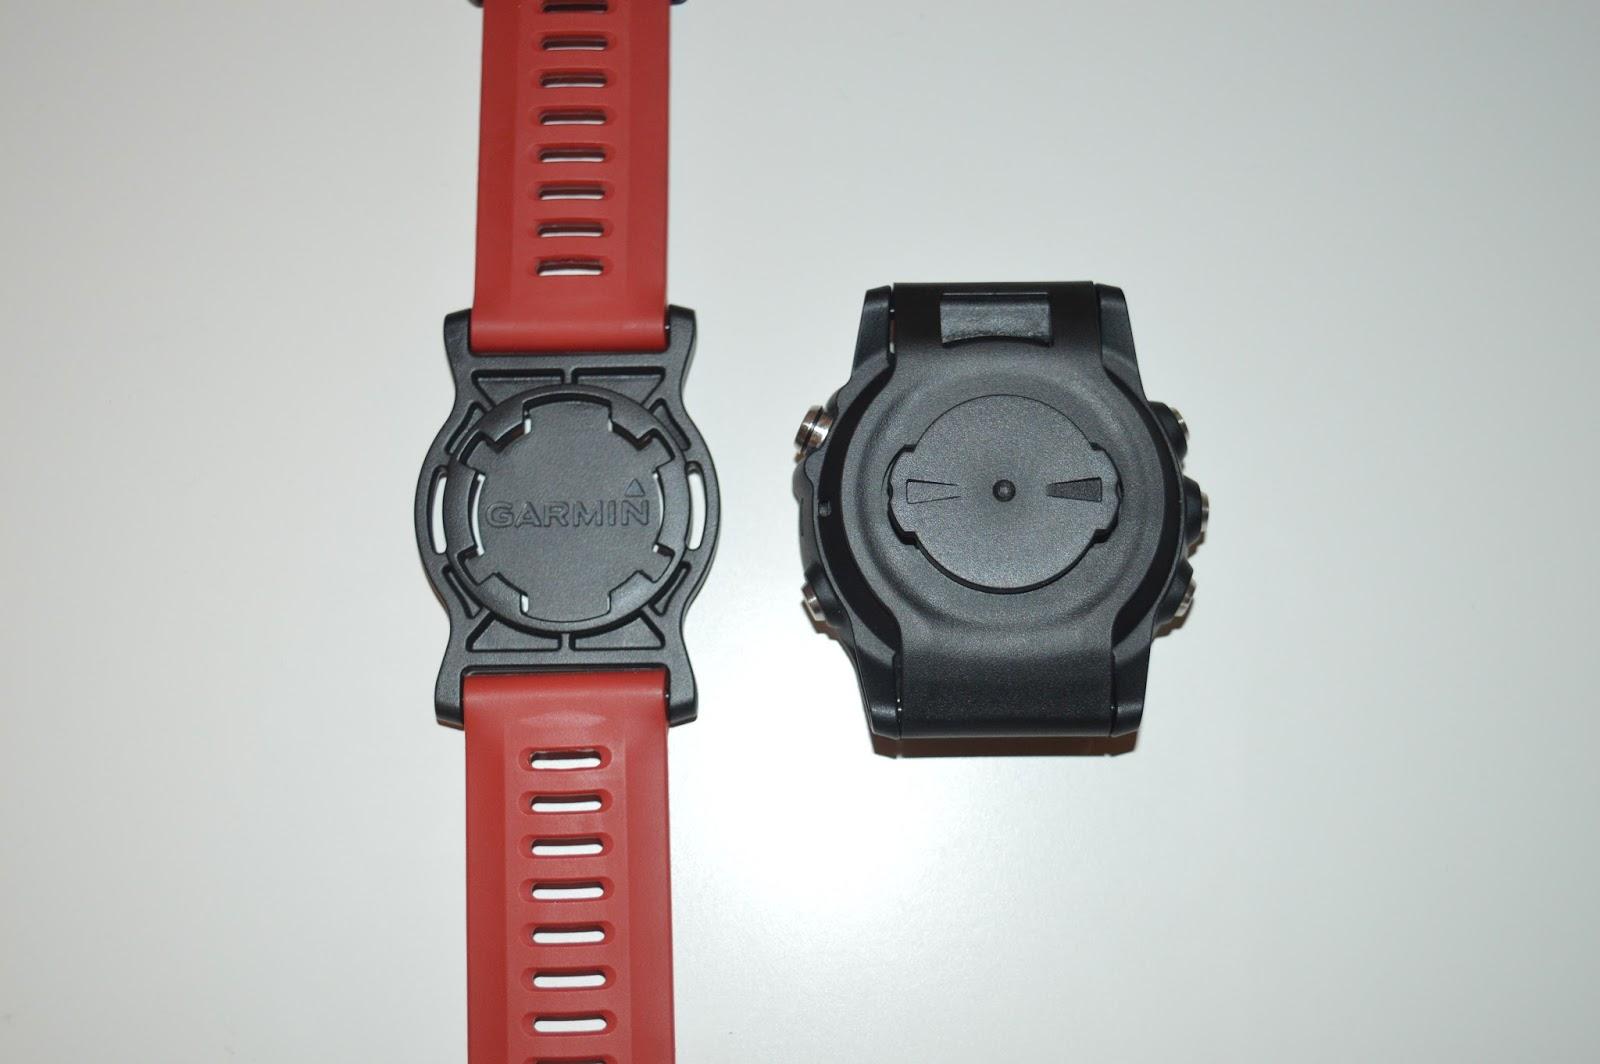 uchwyt na zegarek feniks 3 garmin dp rpweru